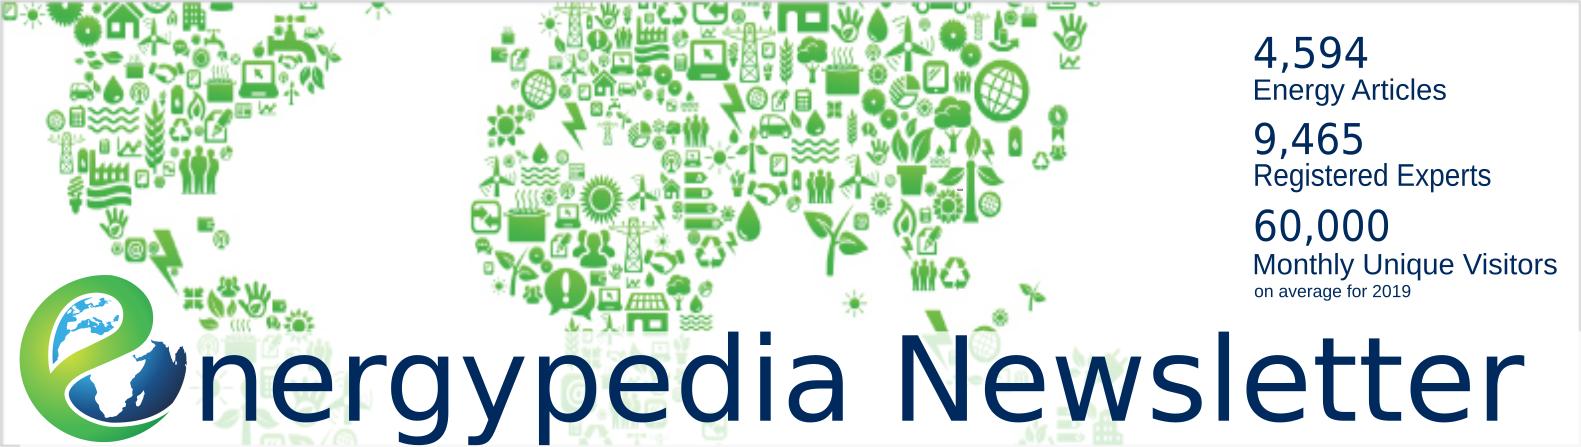 energypedia newsletter